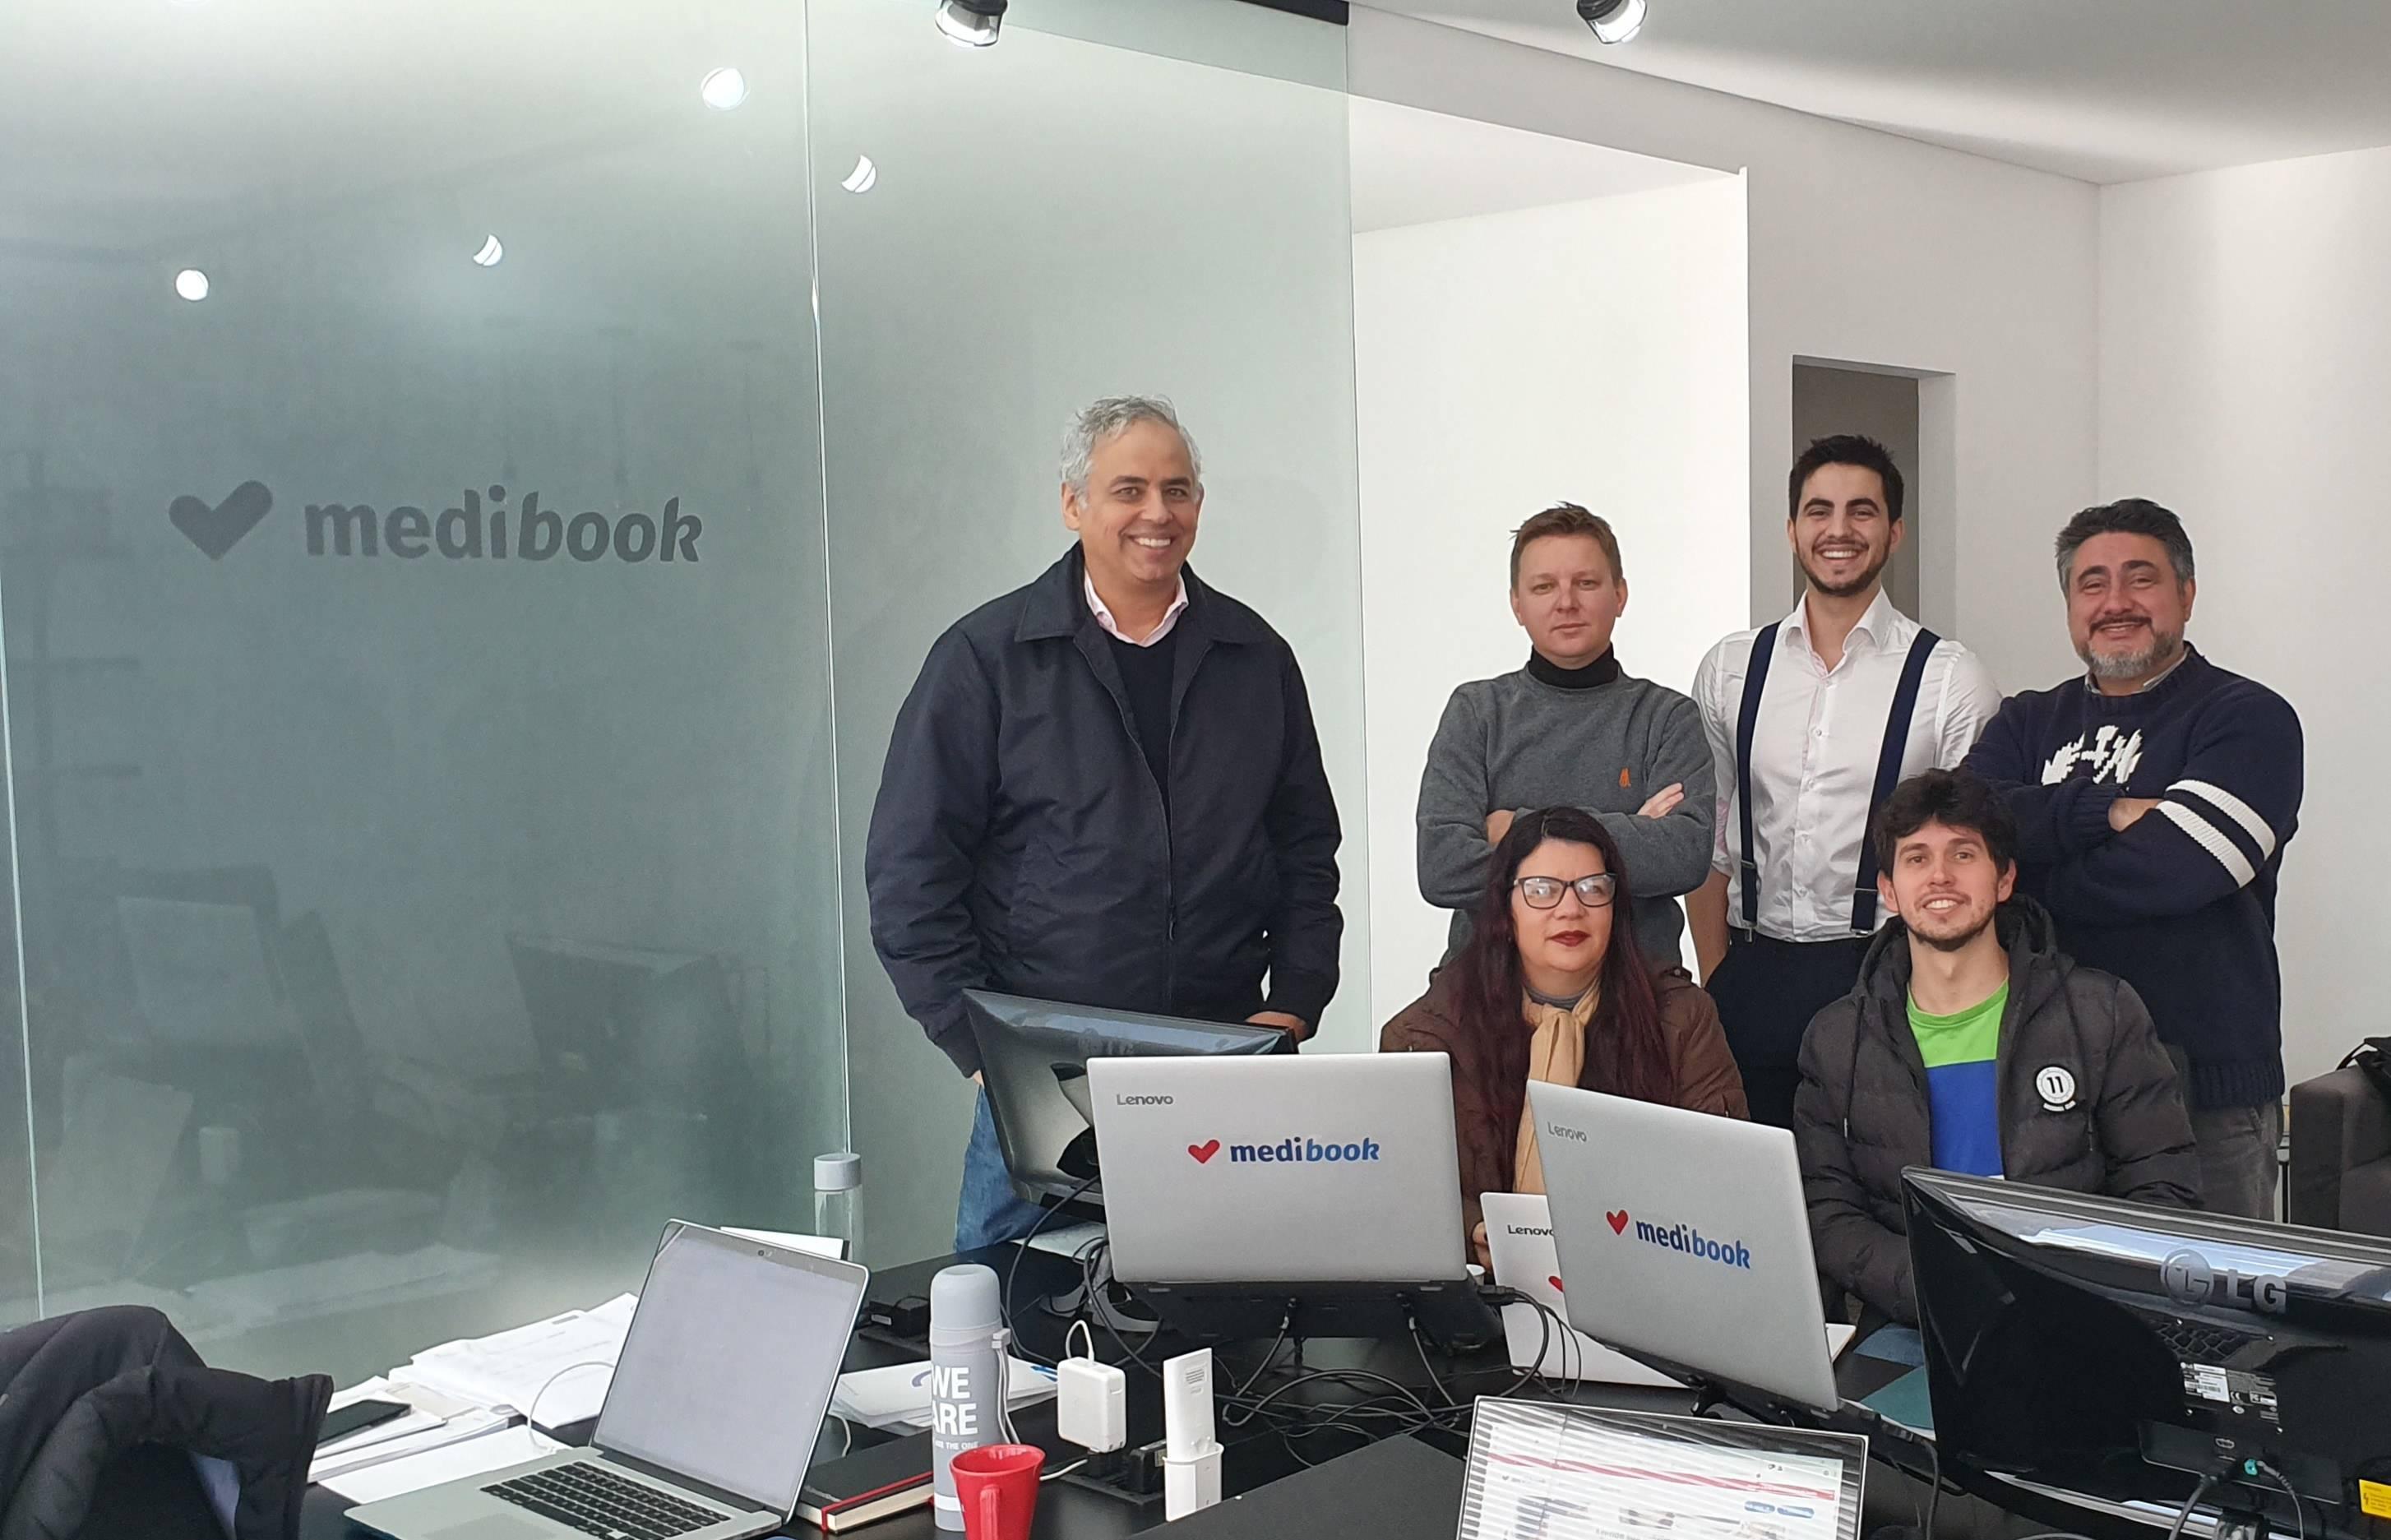 A equipe da Medibook. Ao fundo, da esquerda para direita: José Augusto Leal, CEO; Igor Popadiuk, CTO; Rodrigo Marcial, sócio minoritário; Marcial Carlos, sócio majoritário.<br /> Abaixo, Fabiane Mendes, CCO; Matheus Santos, desenvolvedor.